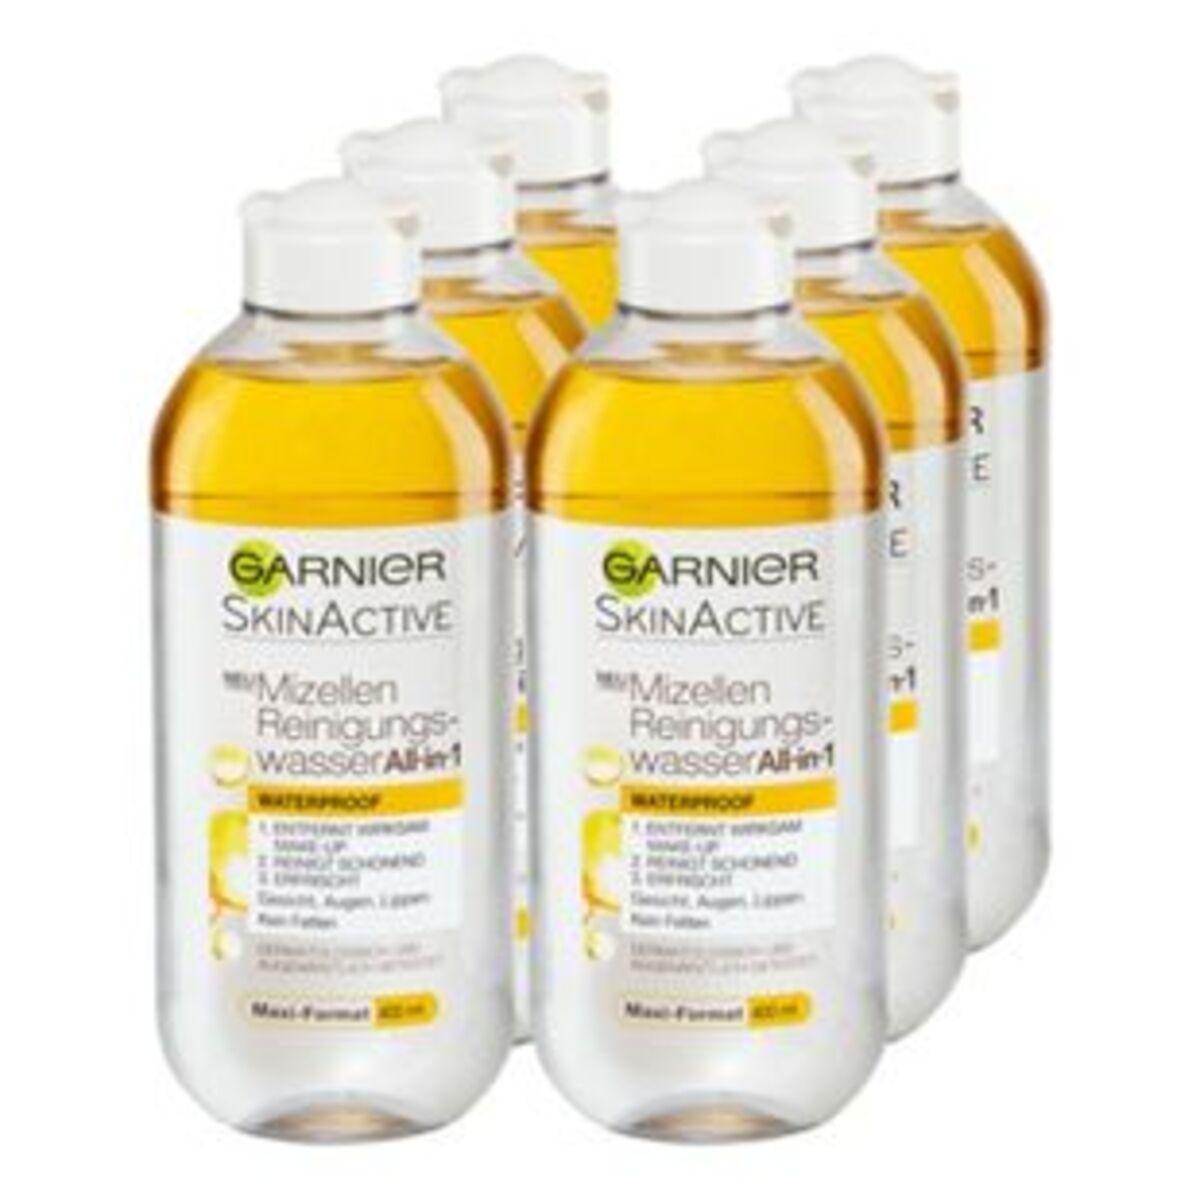 Bild 2 von Garnier Skin Active Mizellenwasser All-in-One 400 ml, 6er Pack